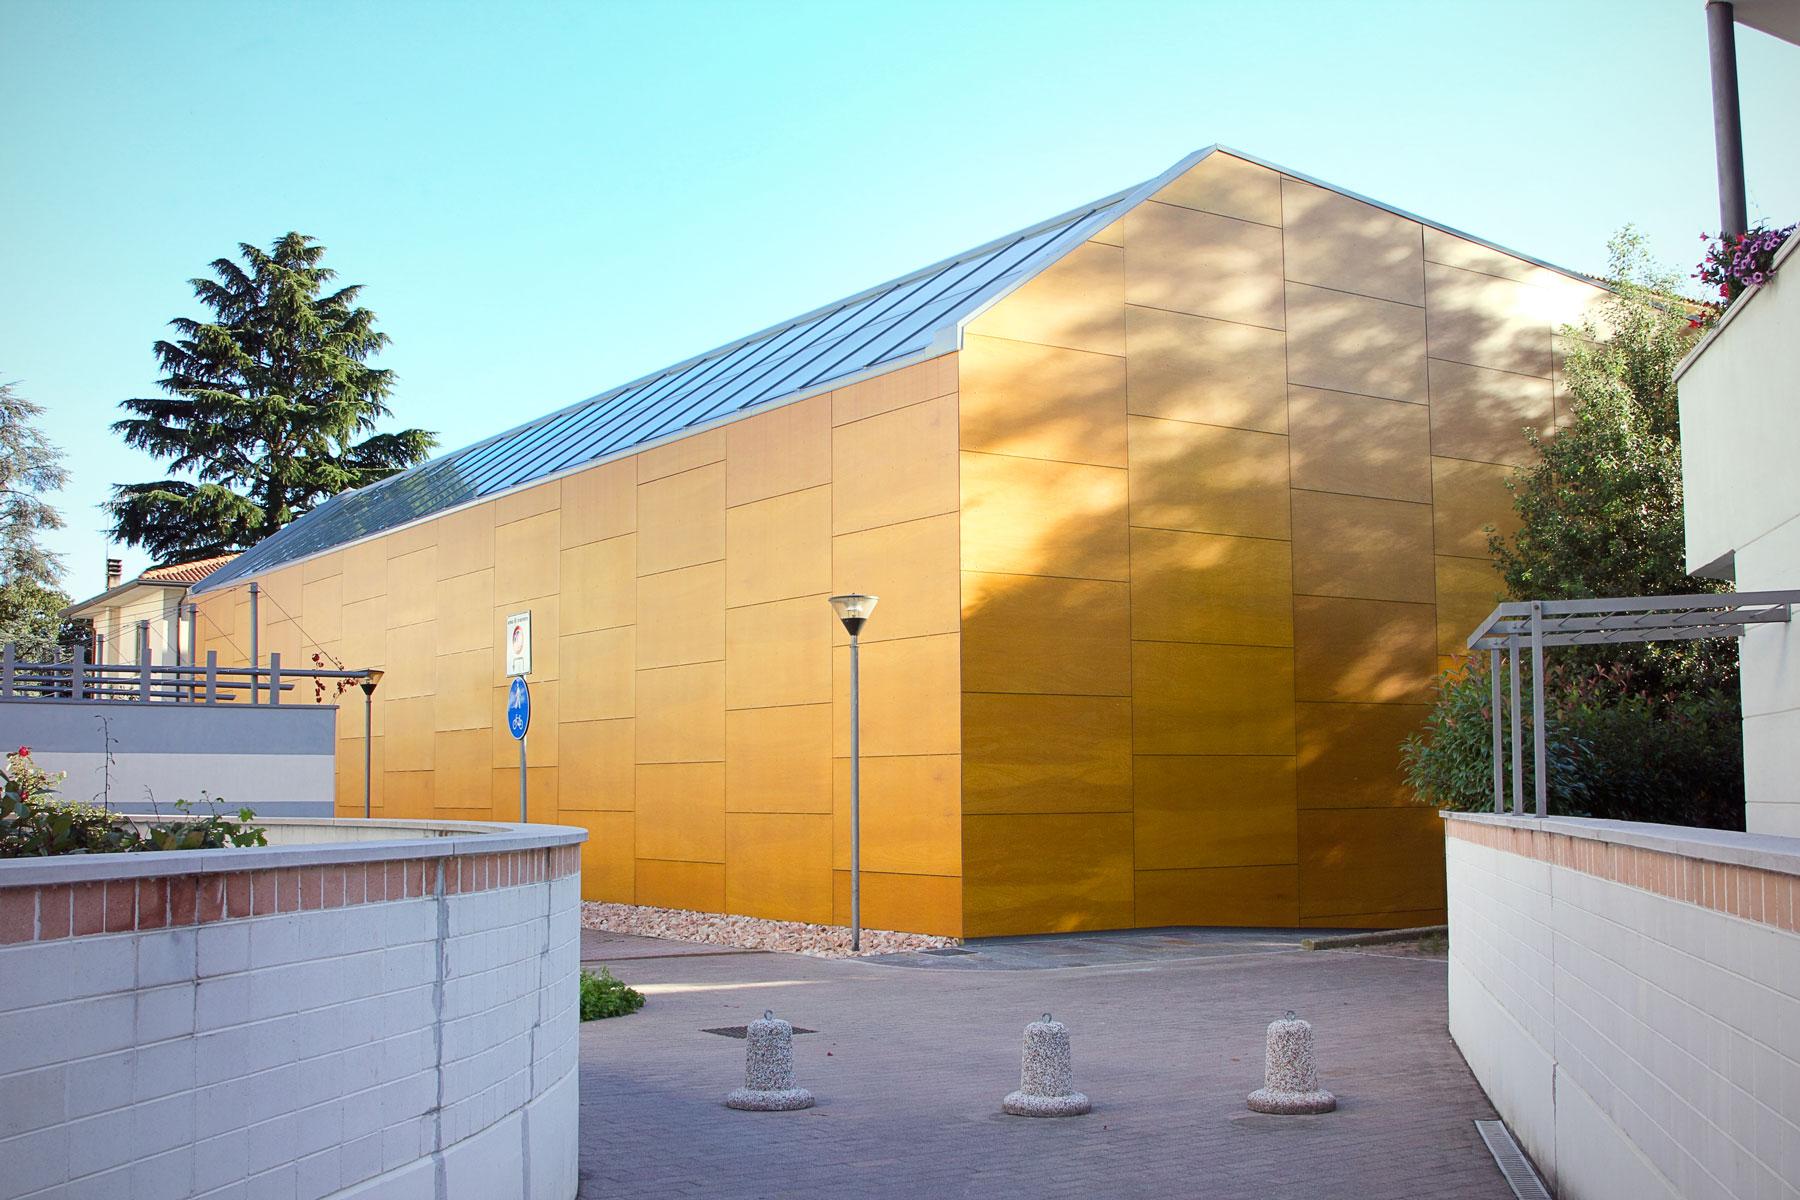 palestraSan Benedetto - luogo: Schio(VI)committente: comune di Schio (VI)importo lavori: 1.100.000,00 €anno: 2014